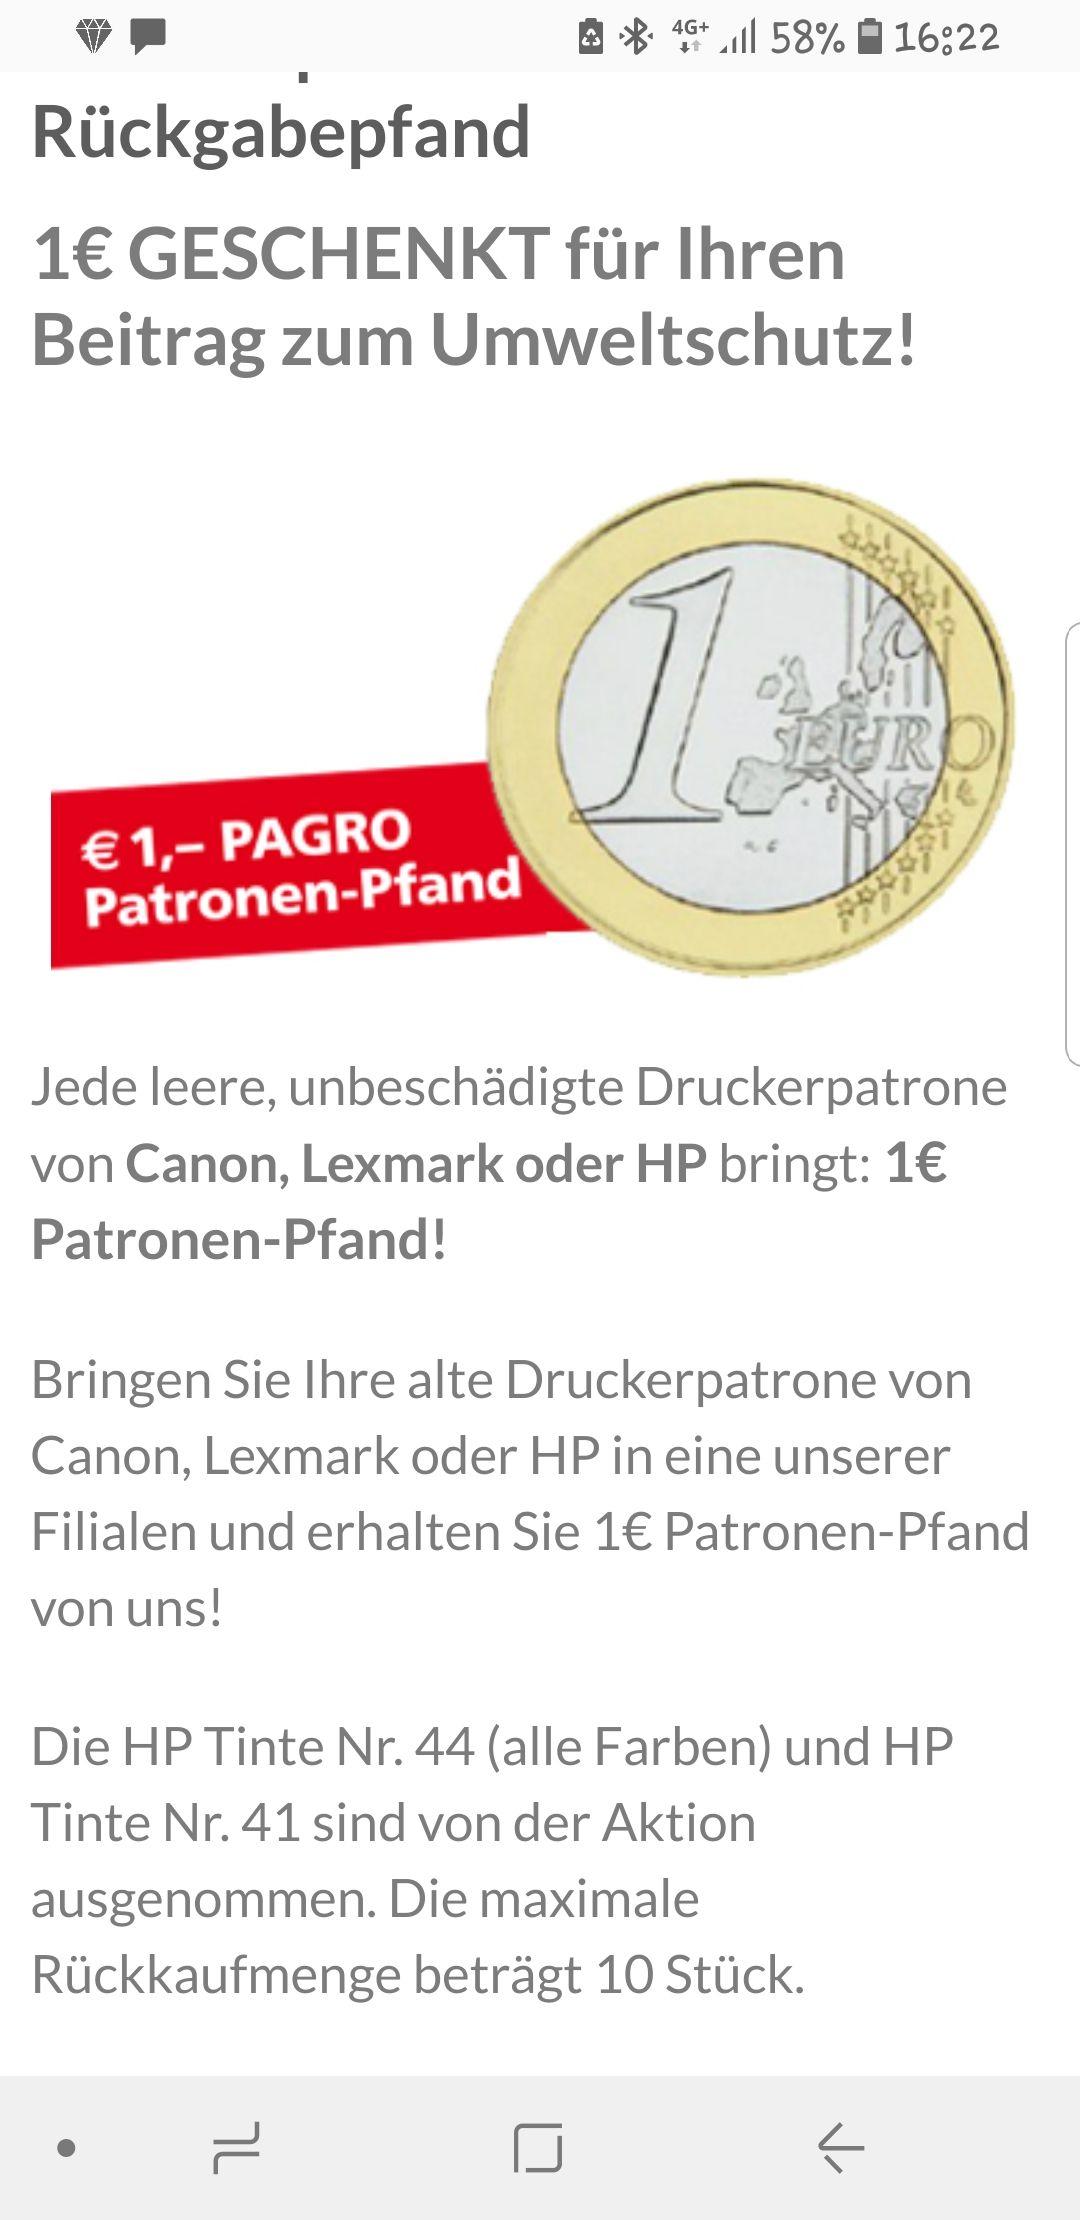 Pagro 1€ für deine leere CANON, Lexmark oder HP Patrone